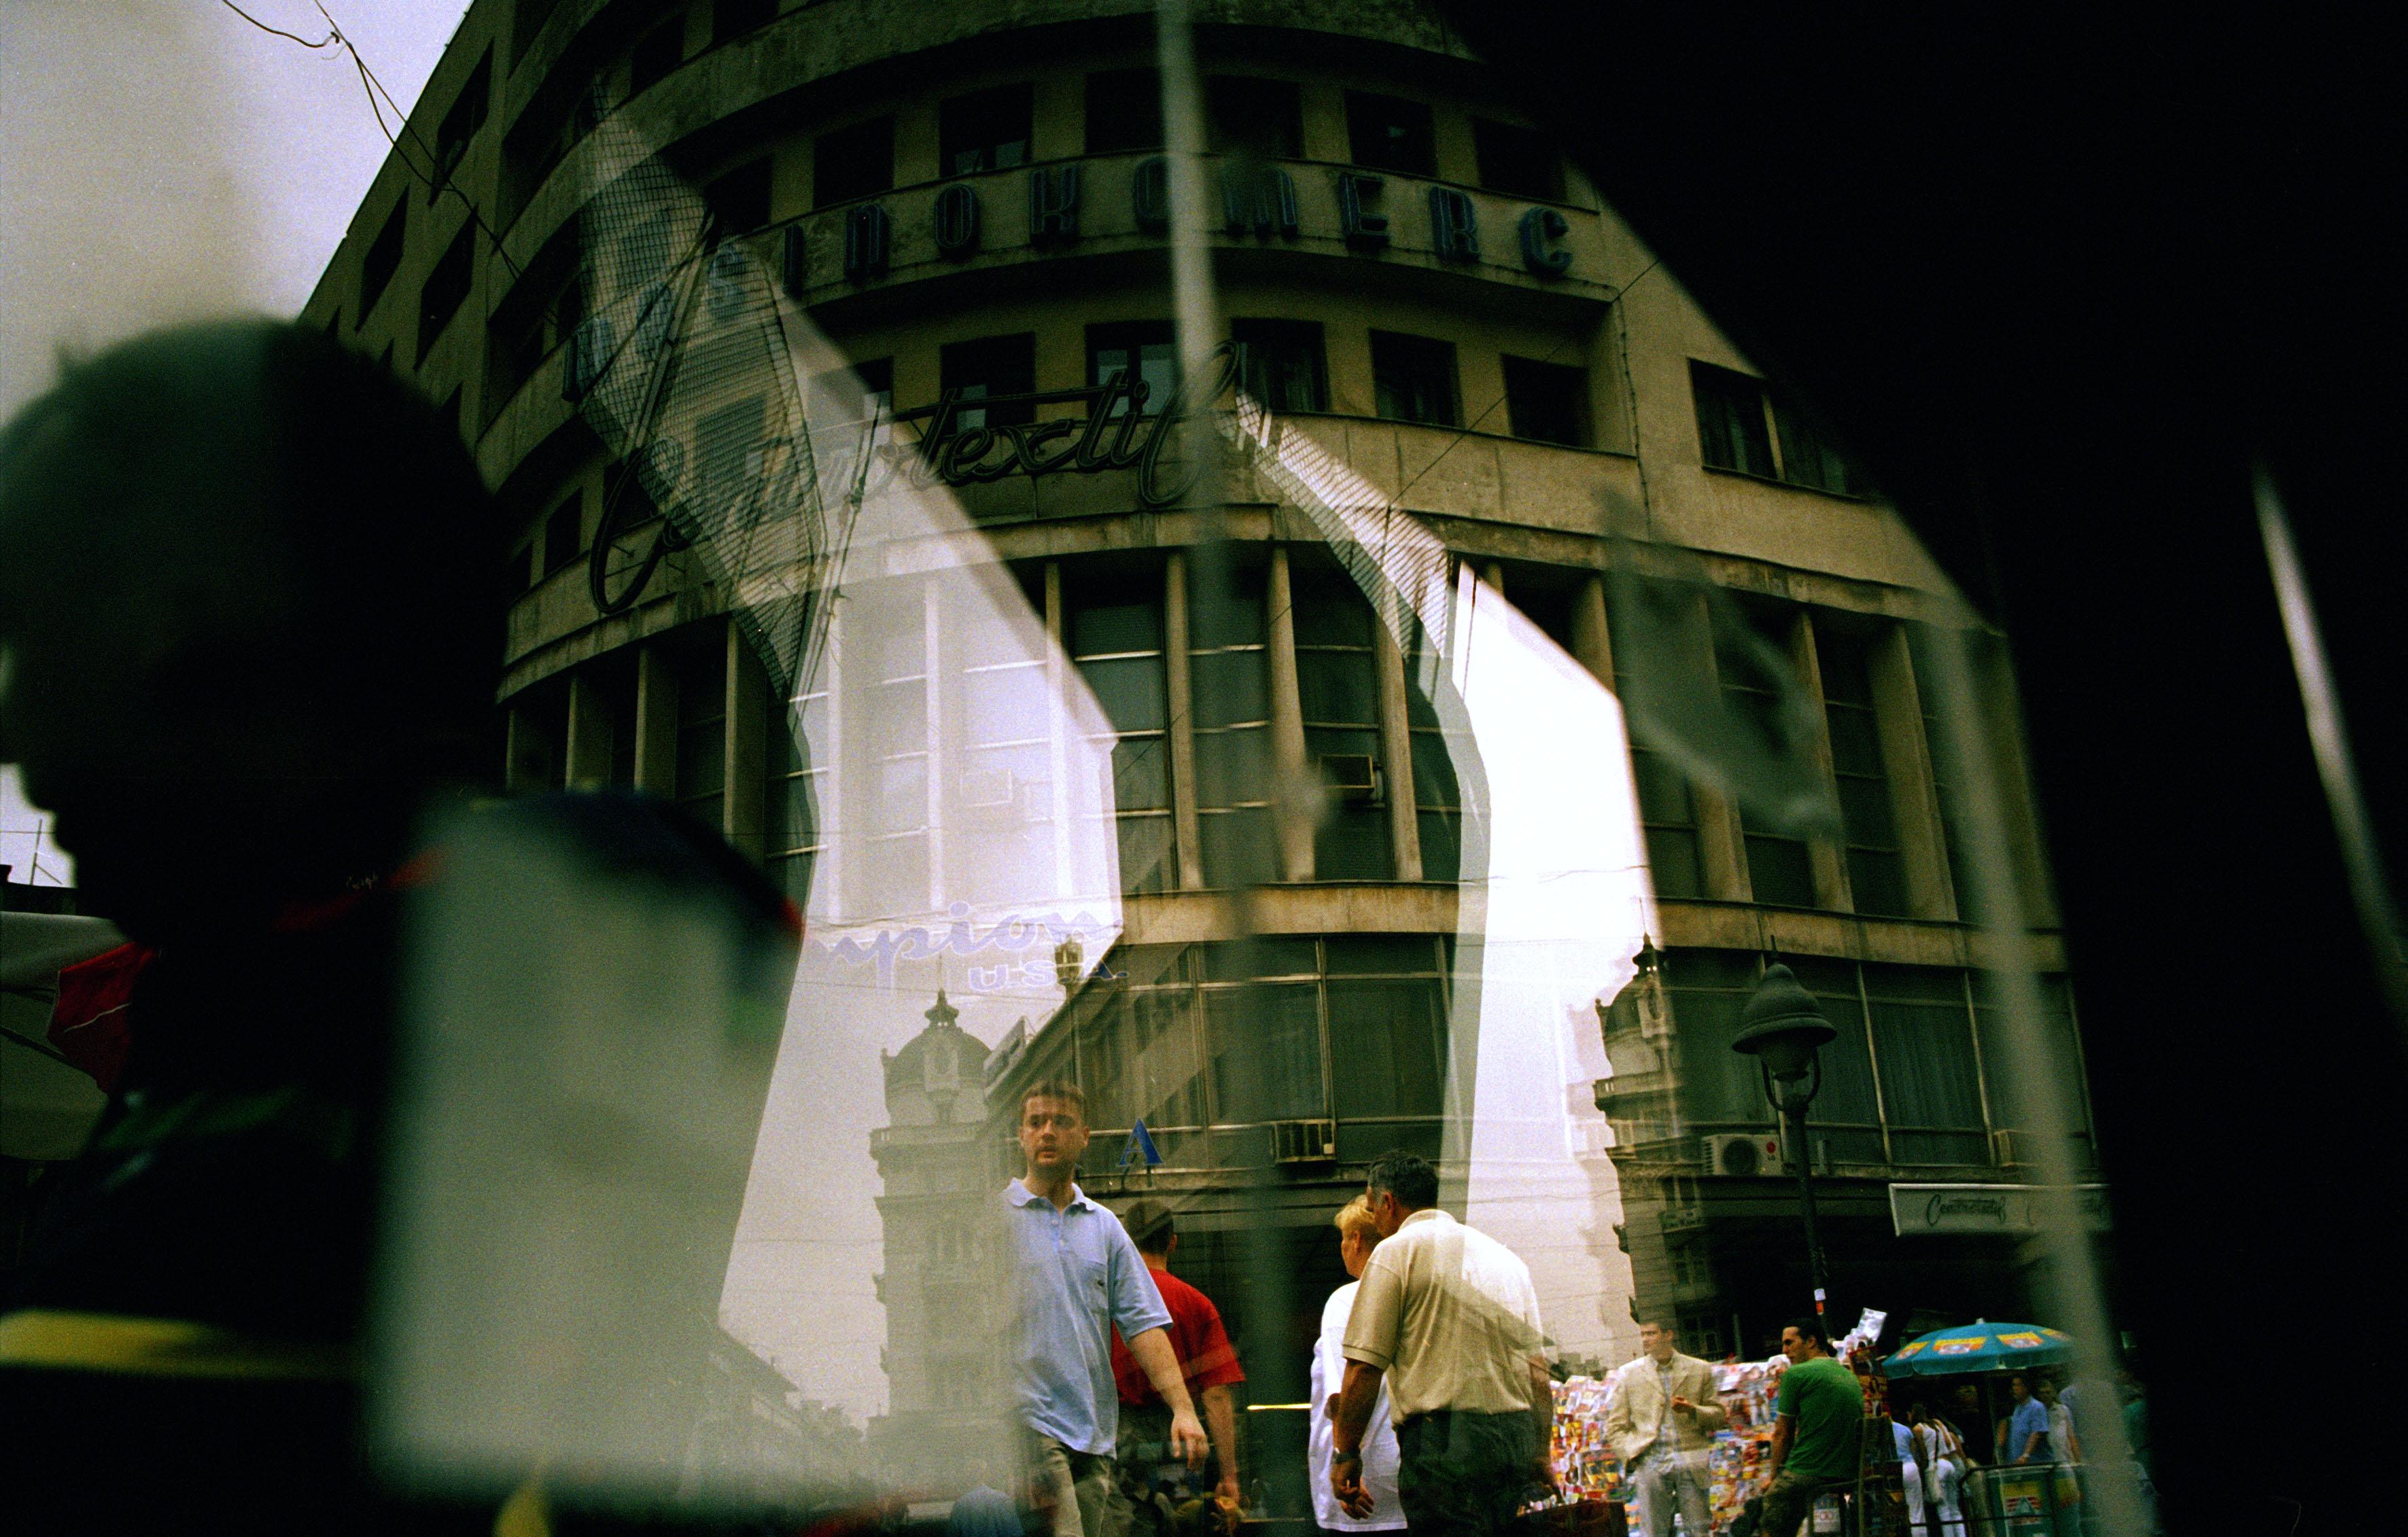 Belgrado, foto di Daniele Dainelli